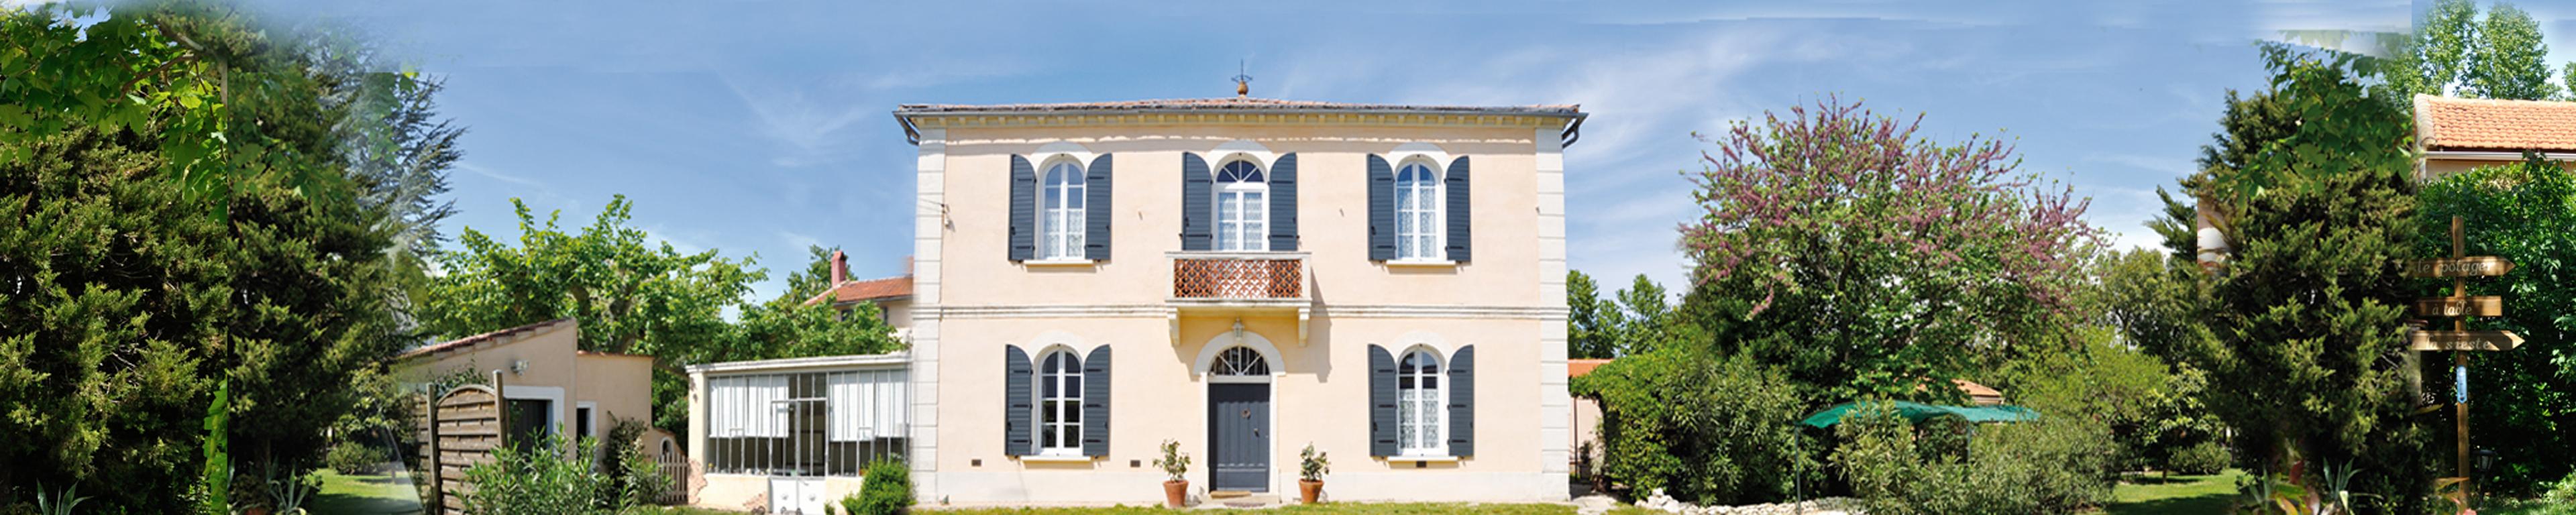 L Echo de France Chambres d h´tes en Avignon provence